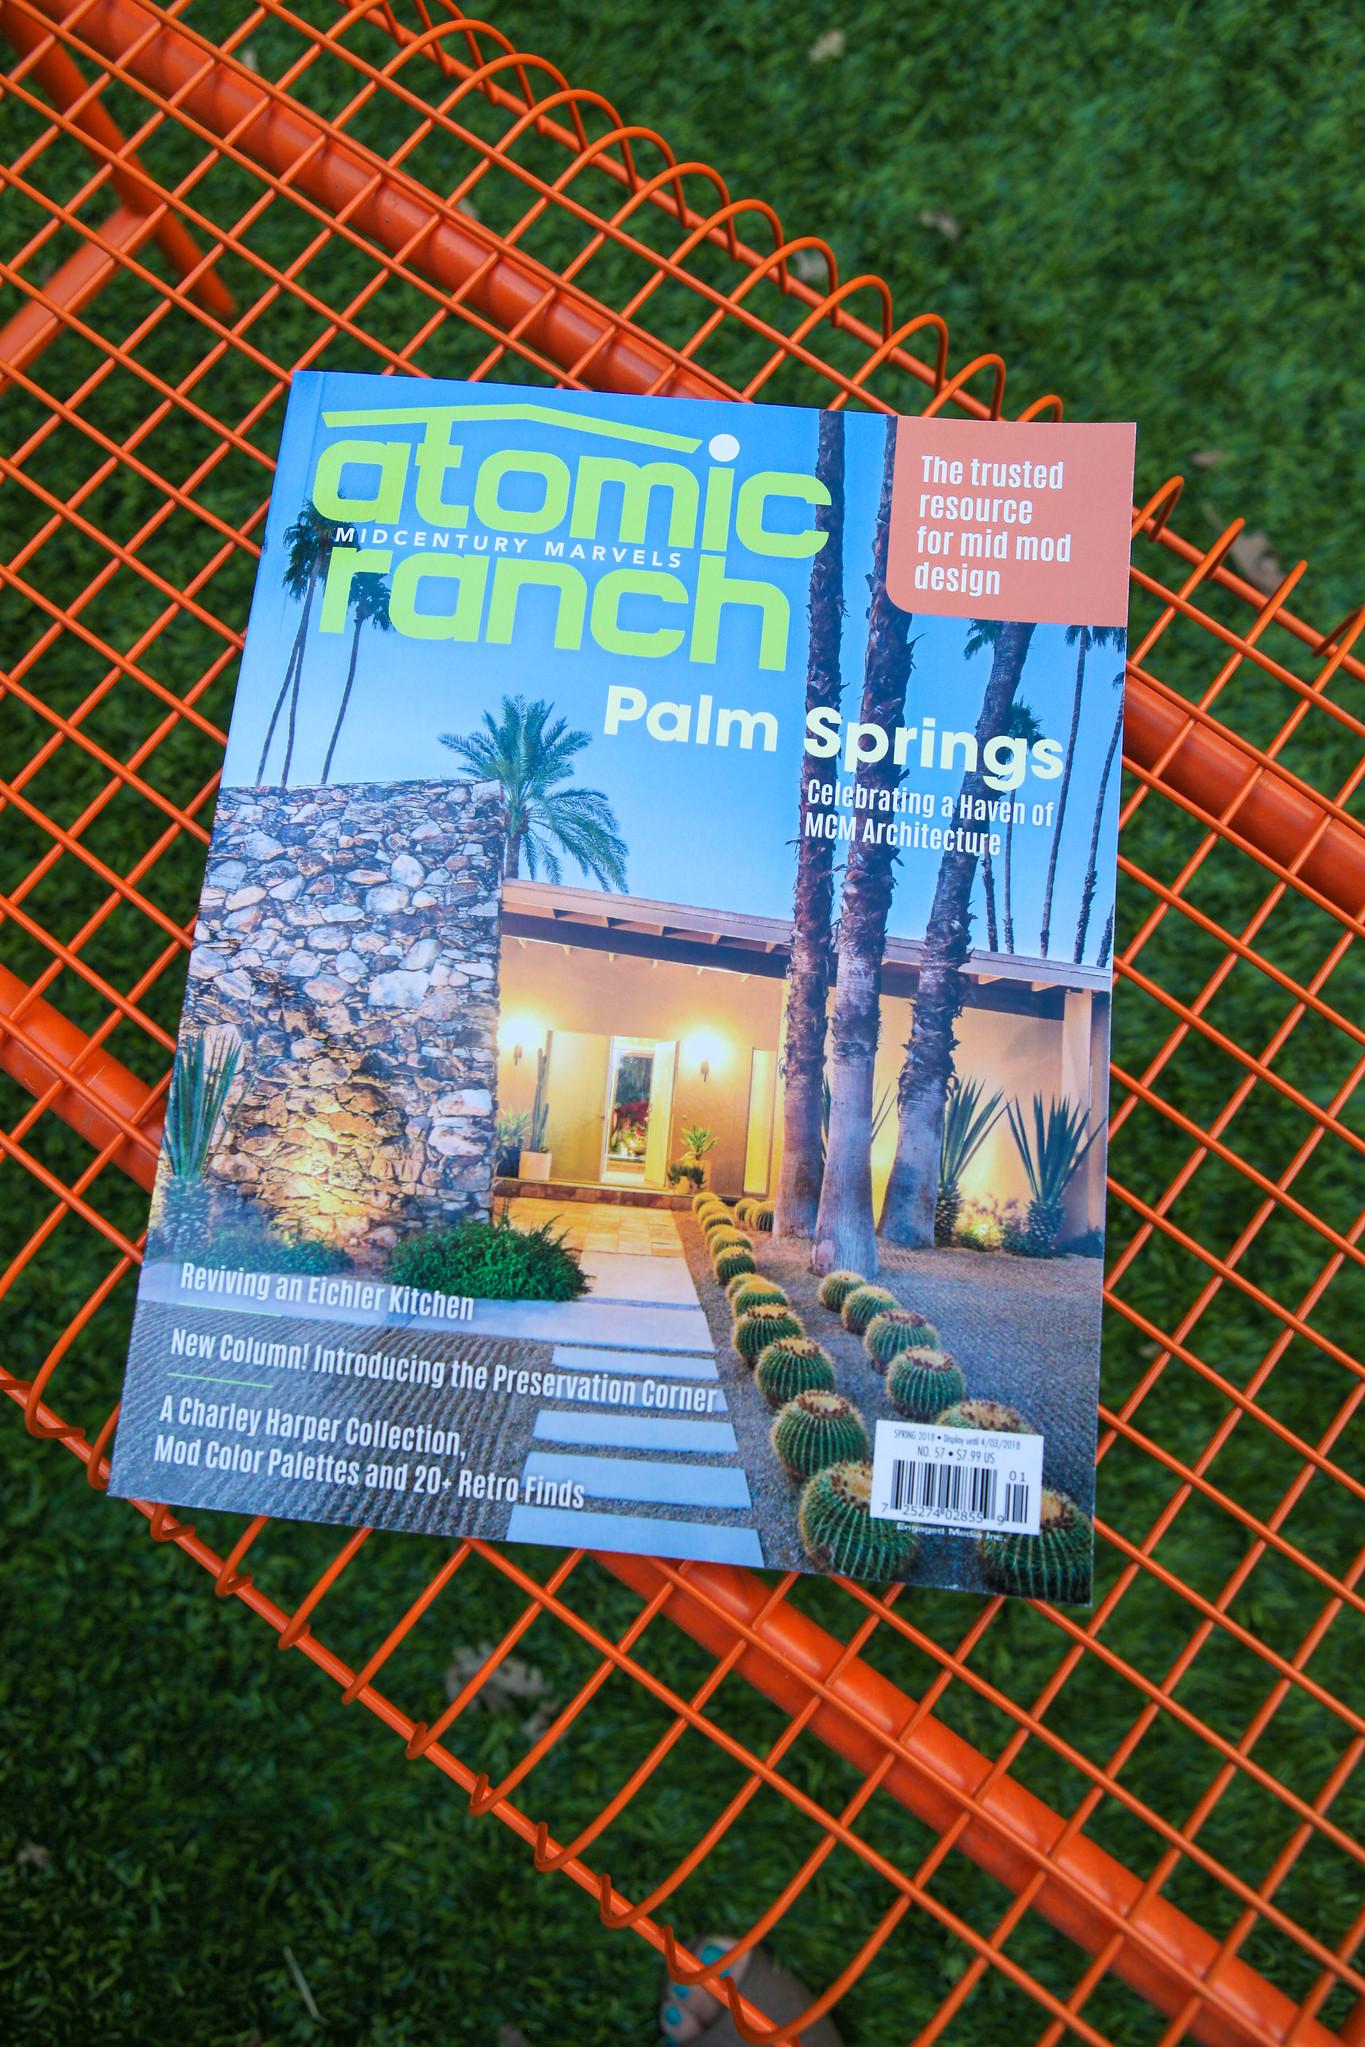 Atomic-Ranch-Spring-2018.jpg